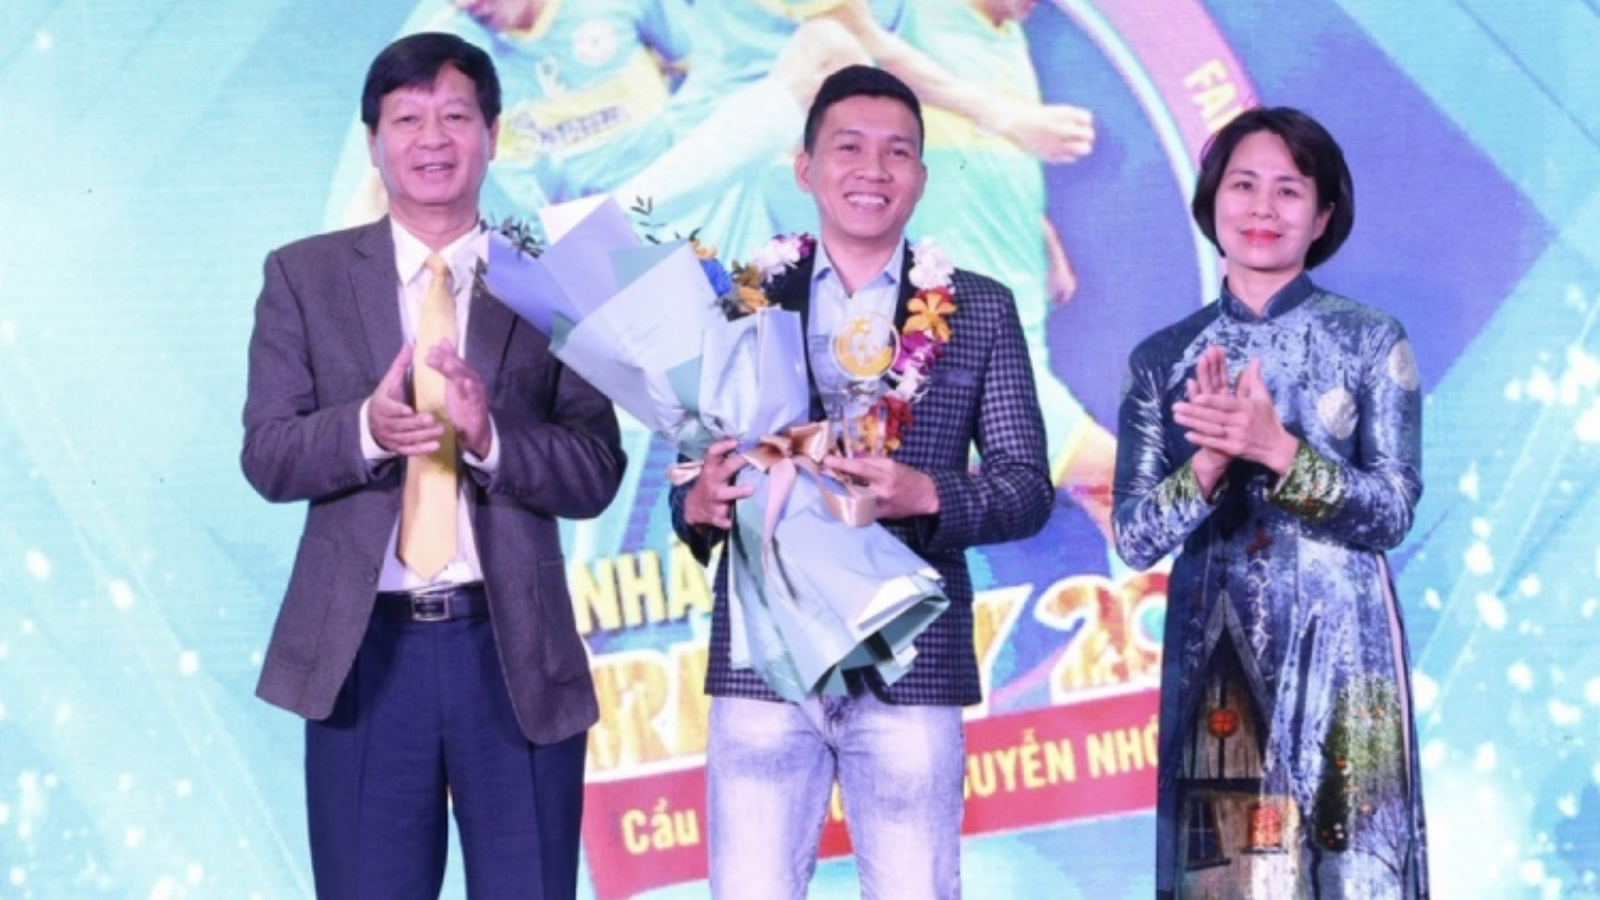 Winner of Fair Play Awards 2020 announced